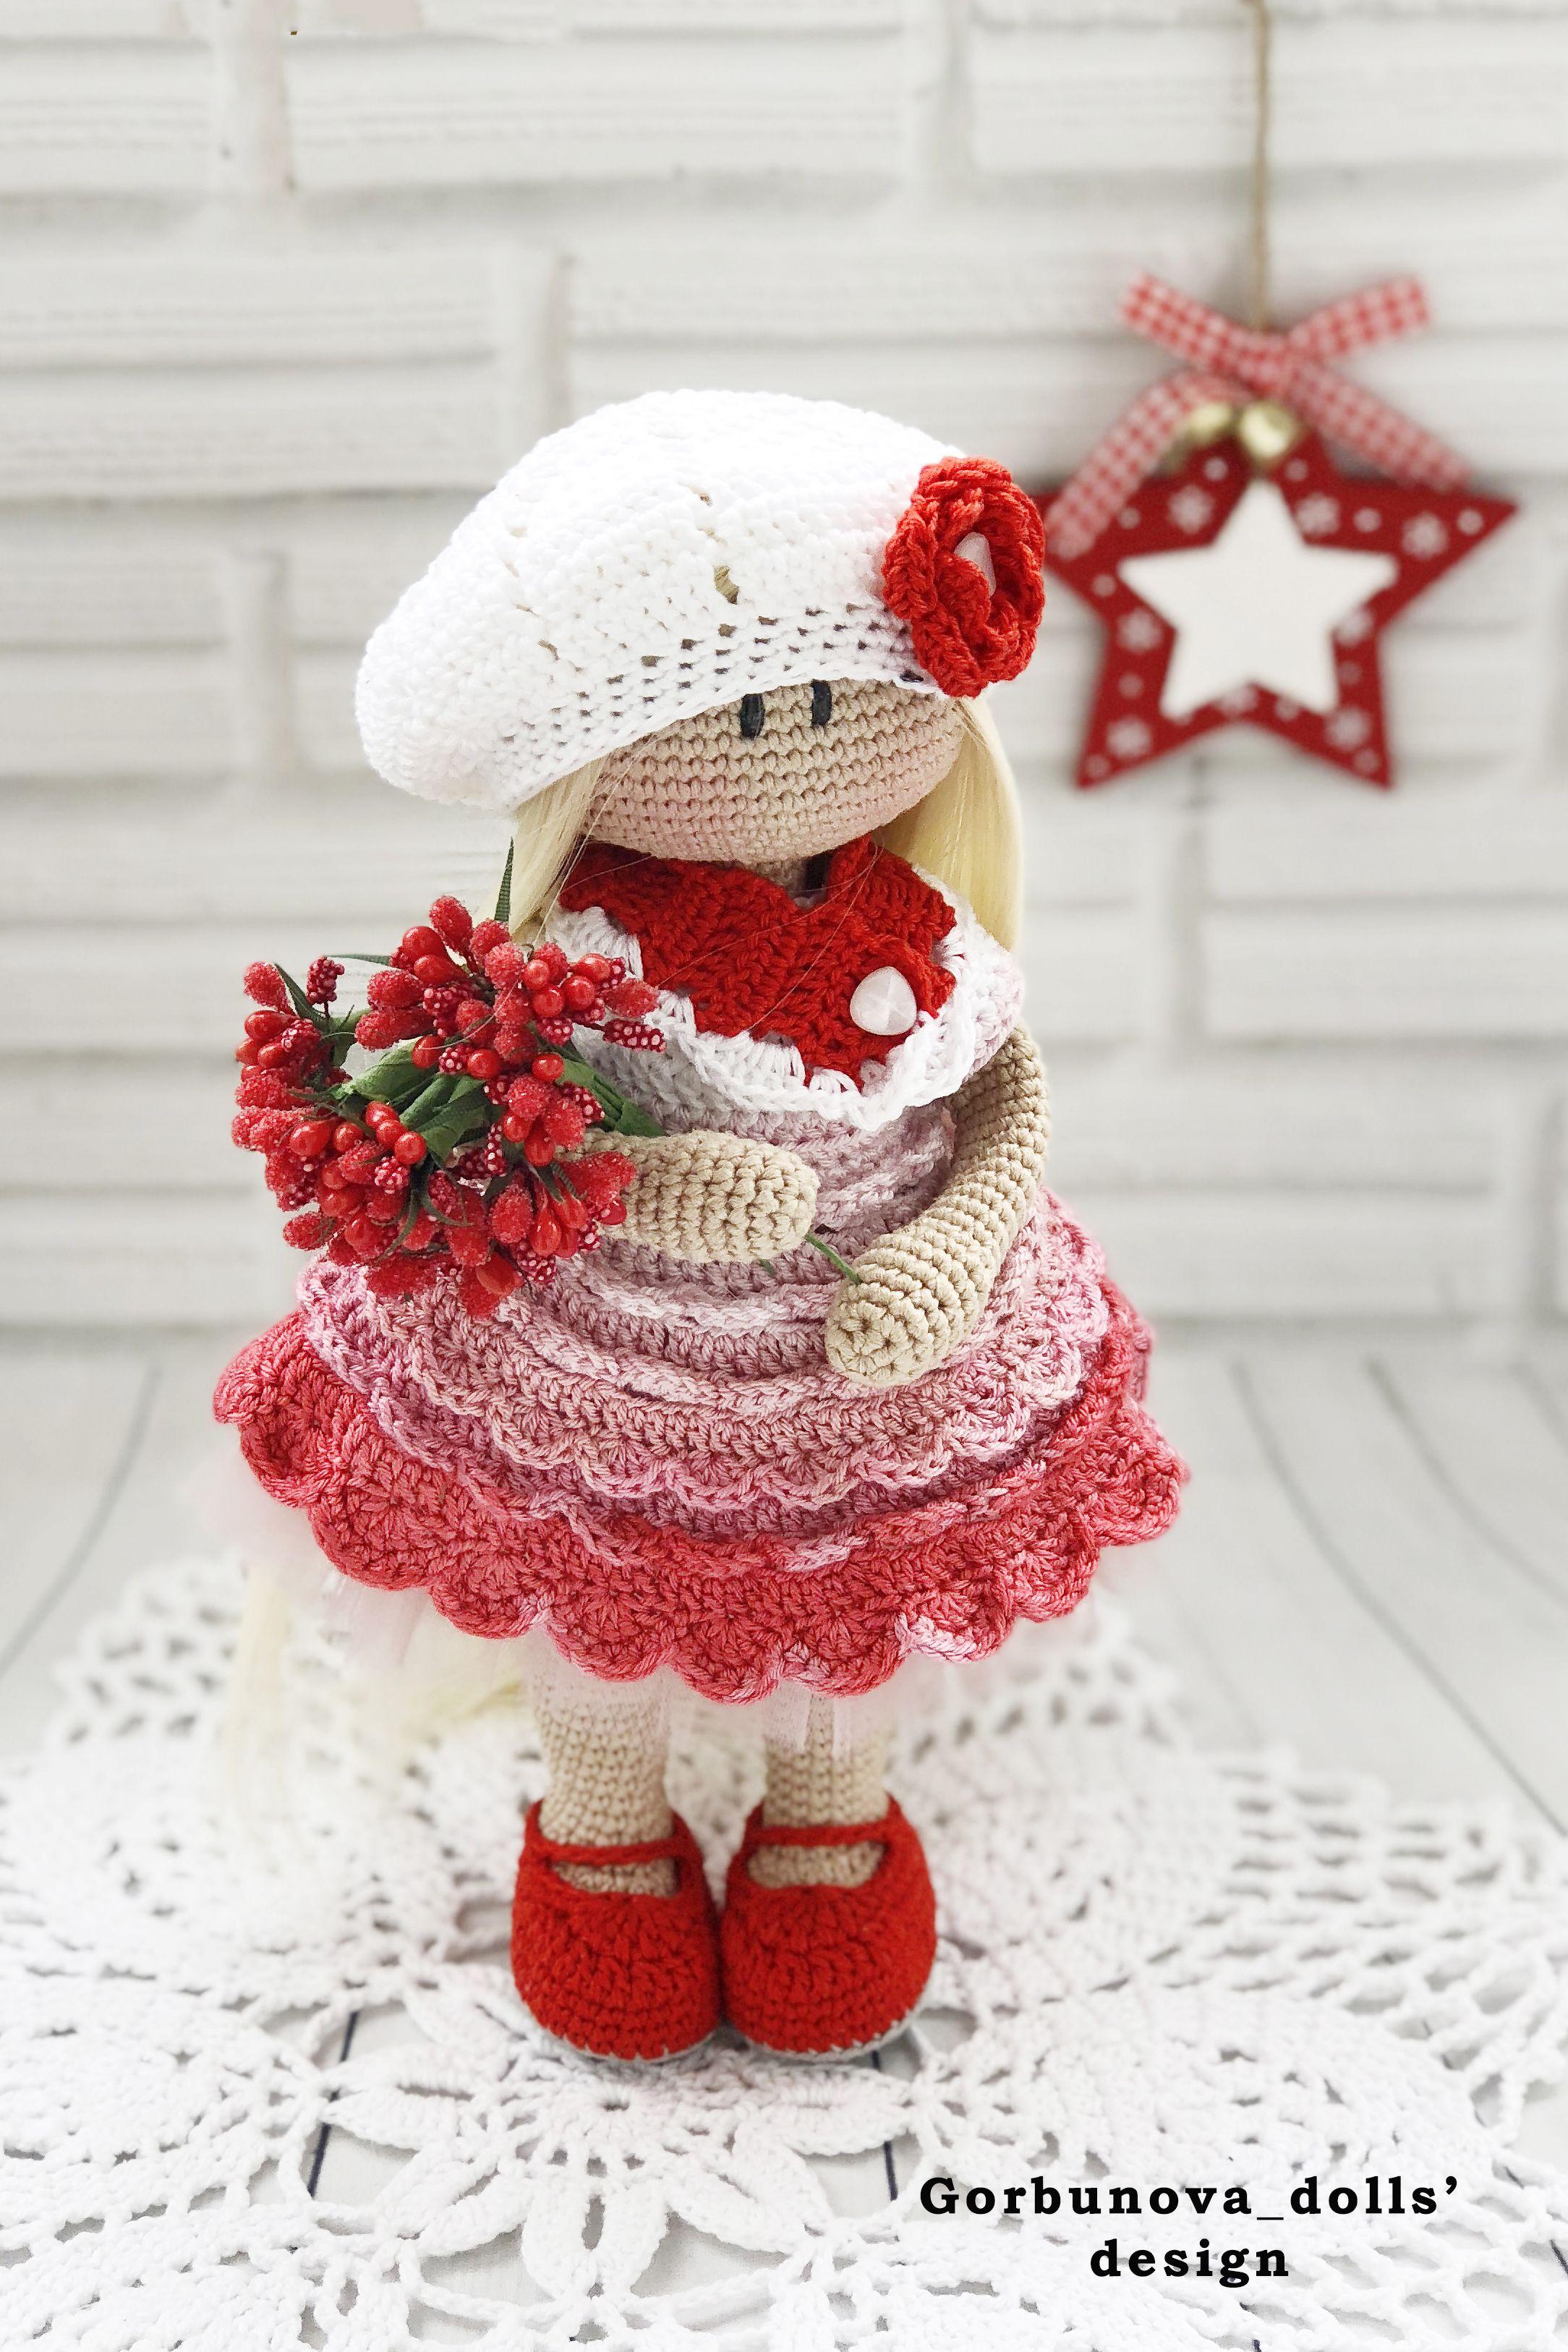 Amigurumi Doll Free Pattern – 2019 | Crochet dolls free patterns ... | 3252x2168